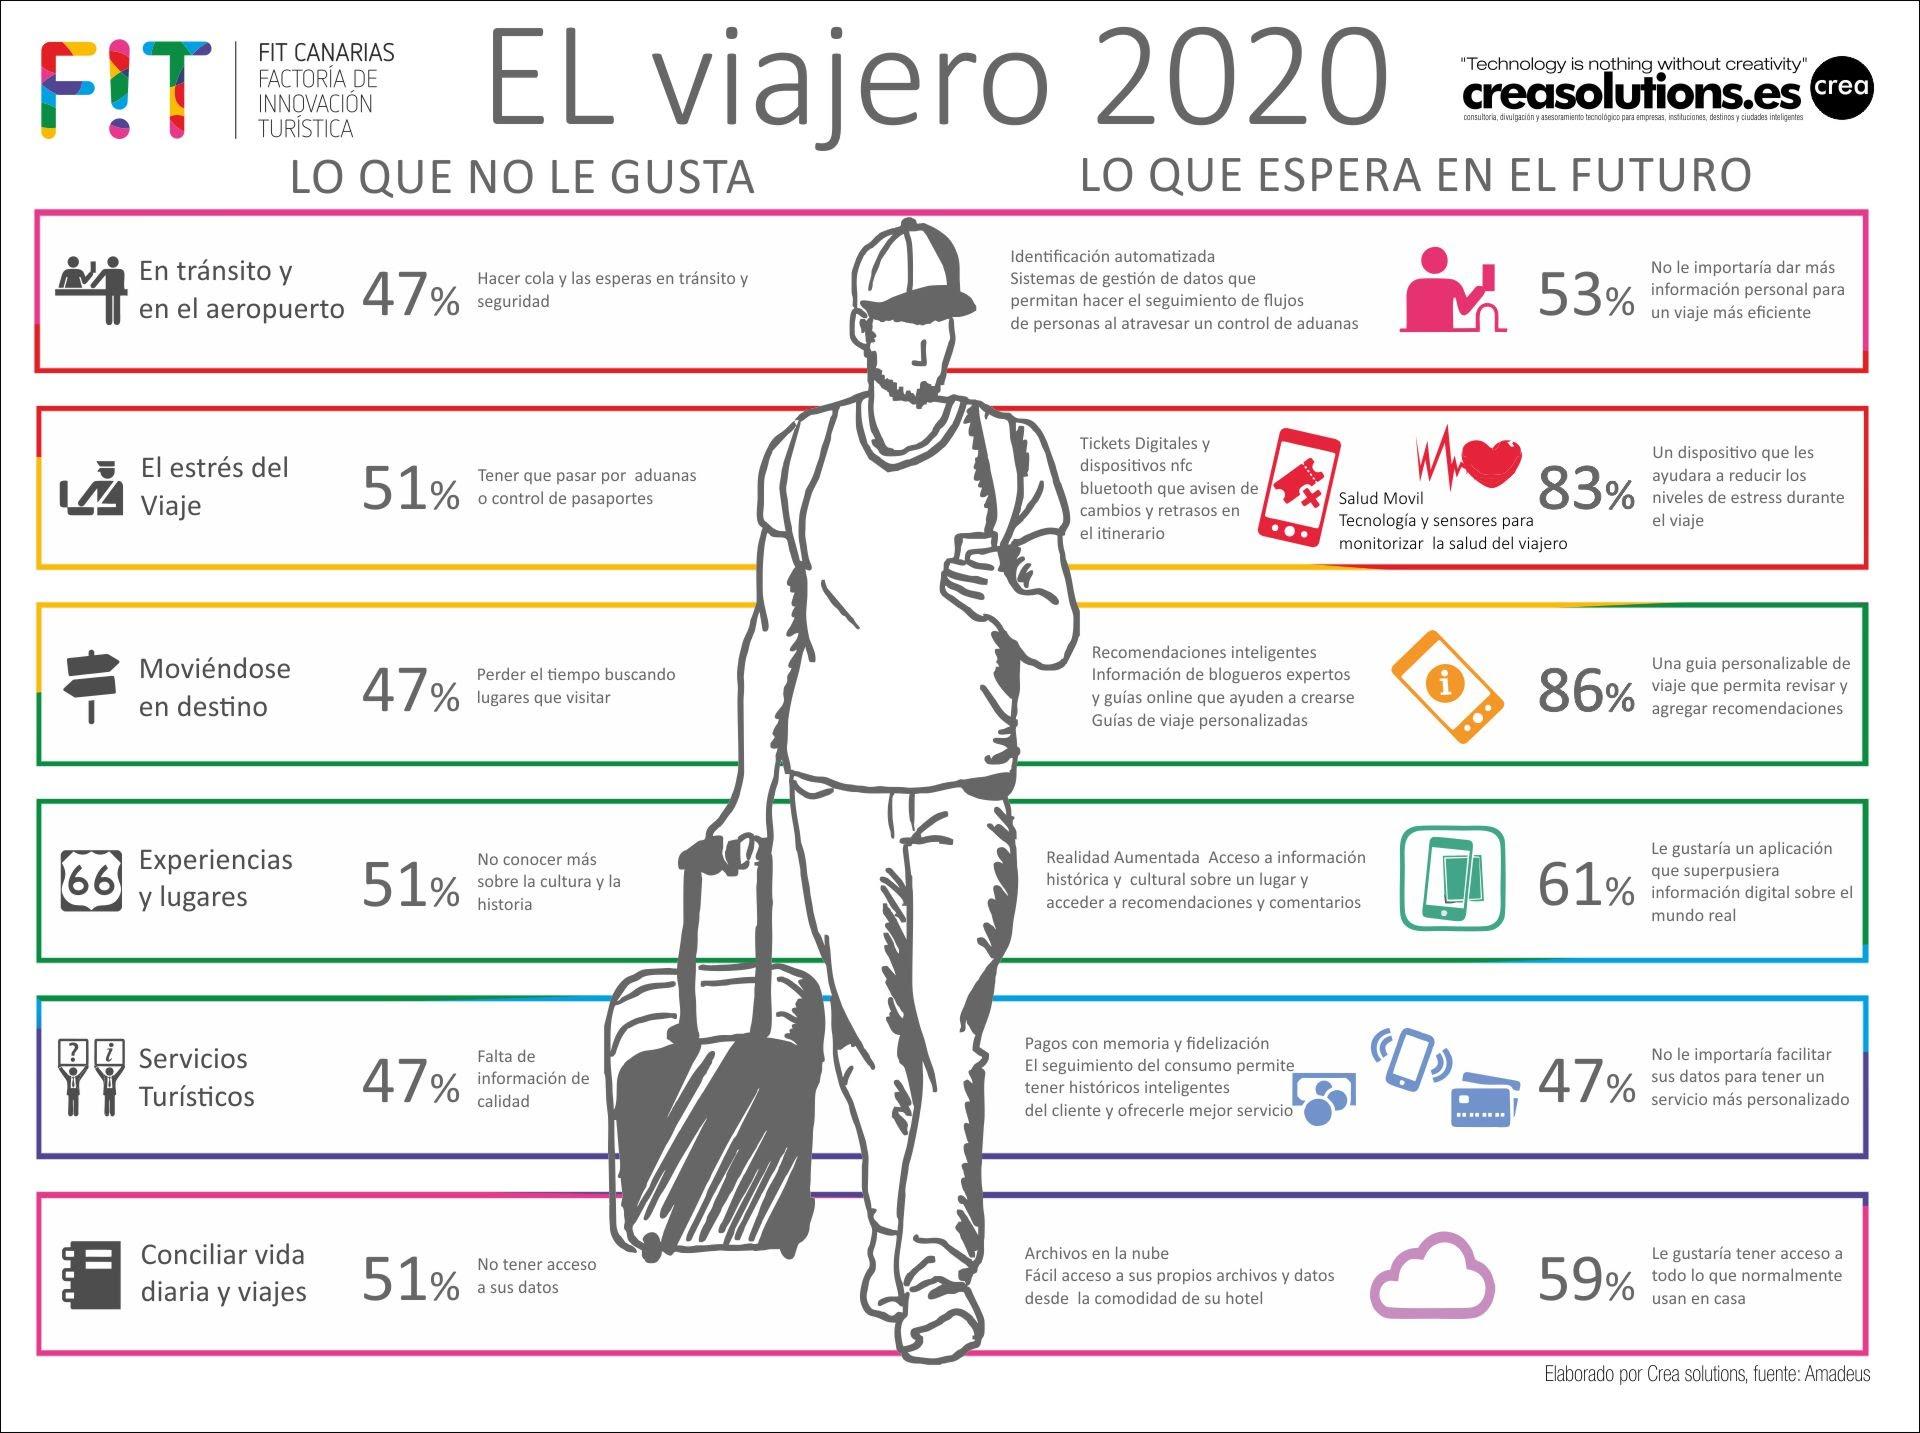 El Viajero del 2020 Versión Factoría Innovación Canarias para Fi2 2015